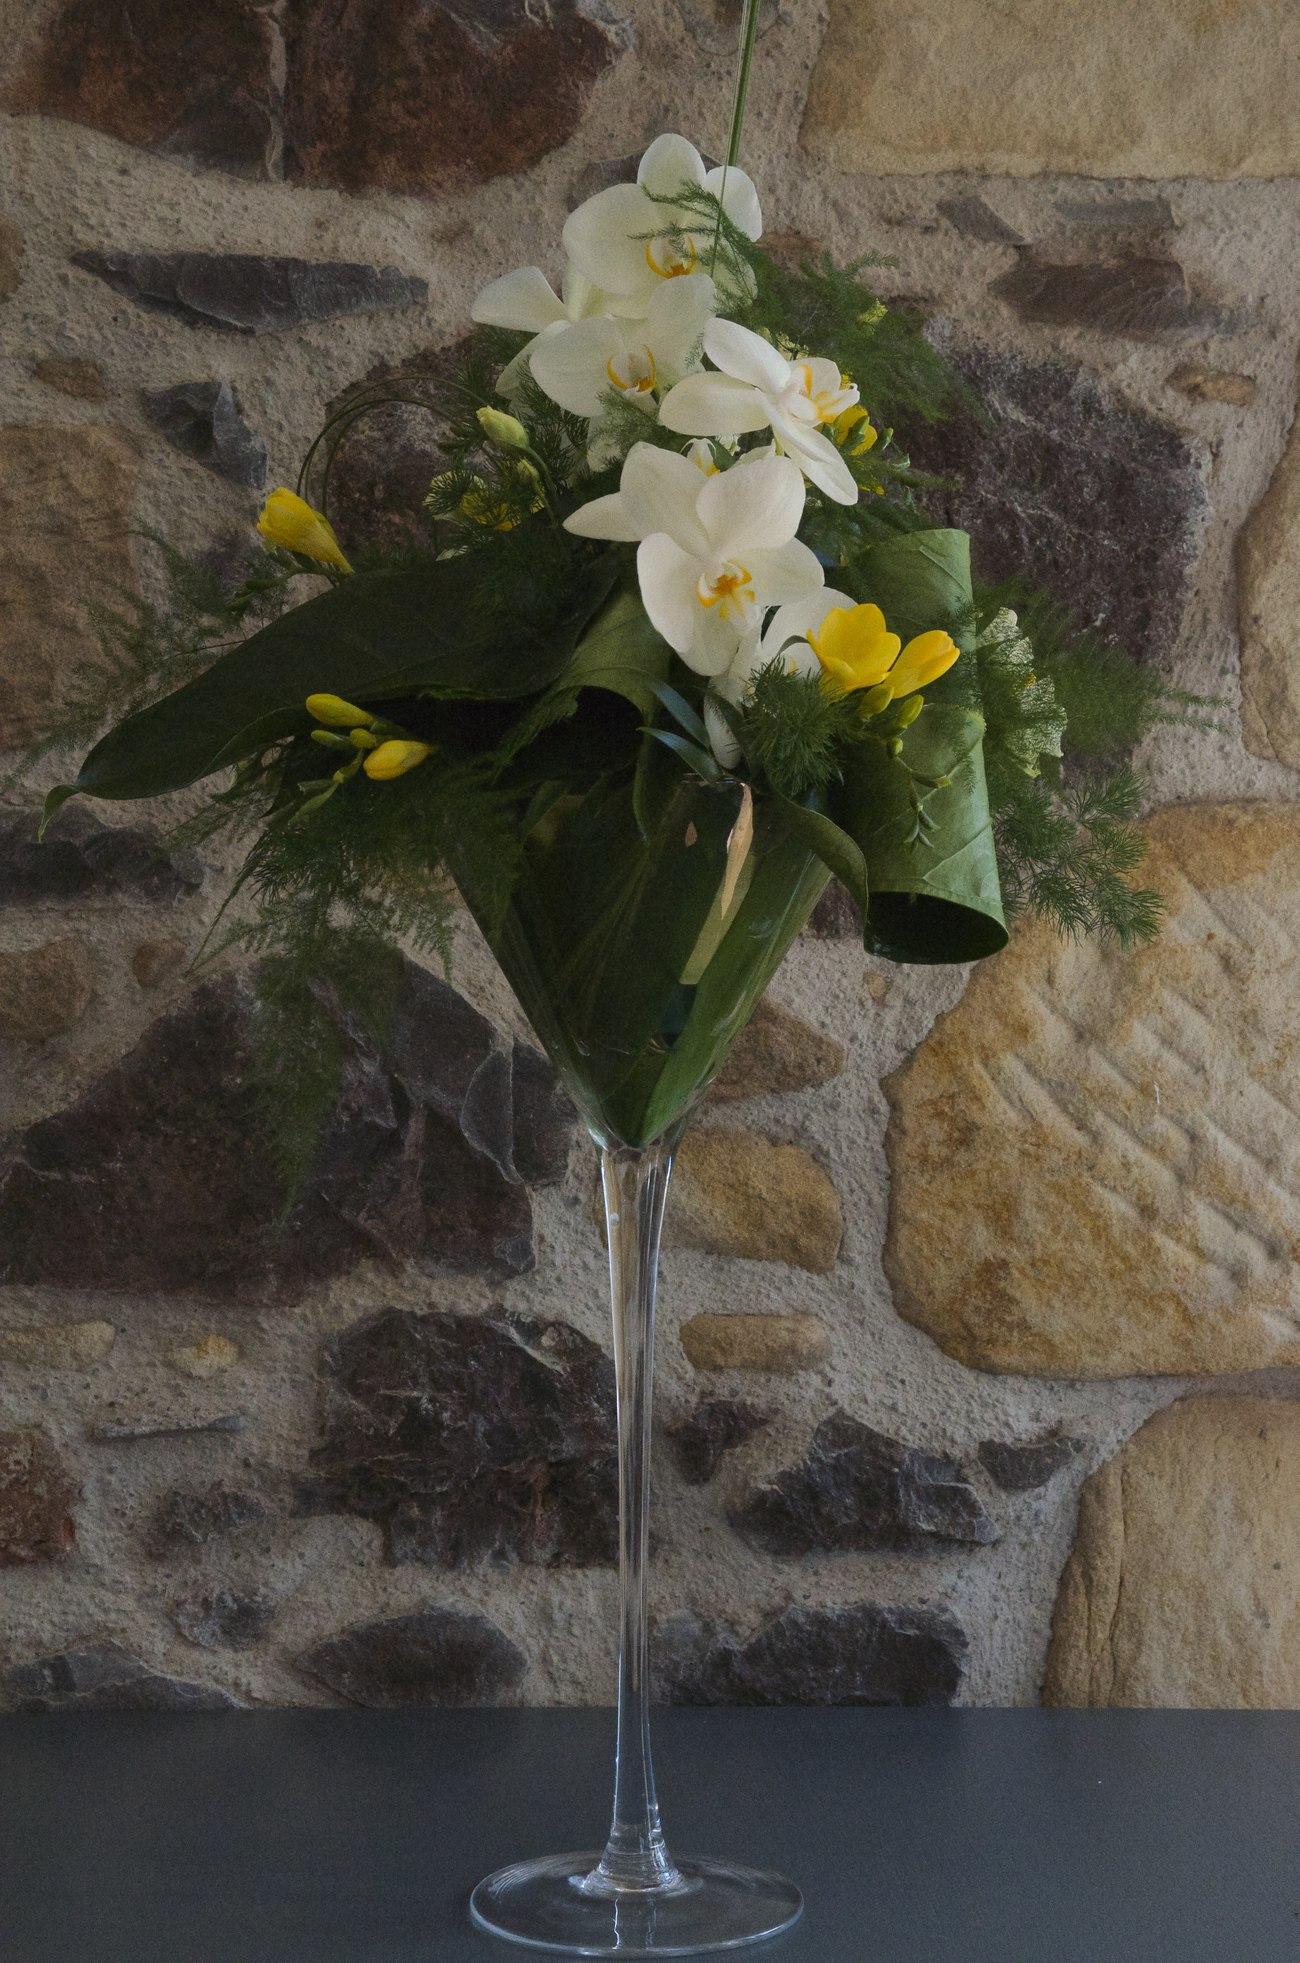 wild-roses-kilmacolm-wedding-flowers-17.jpg